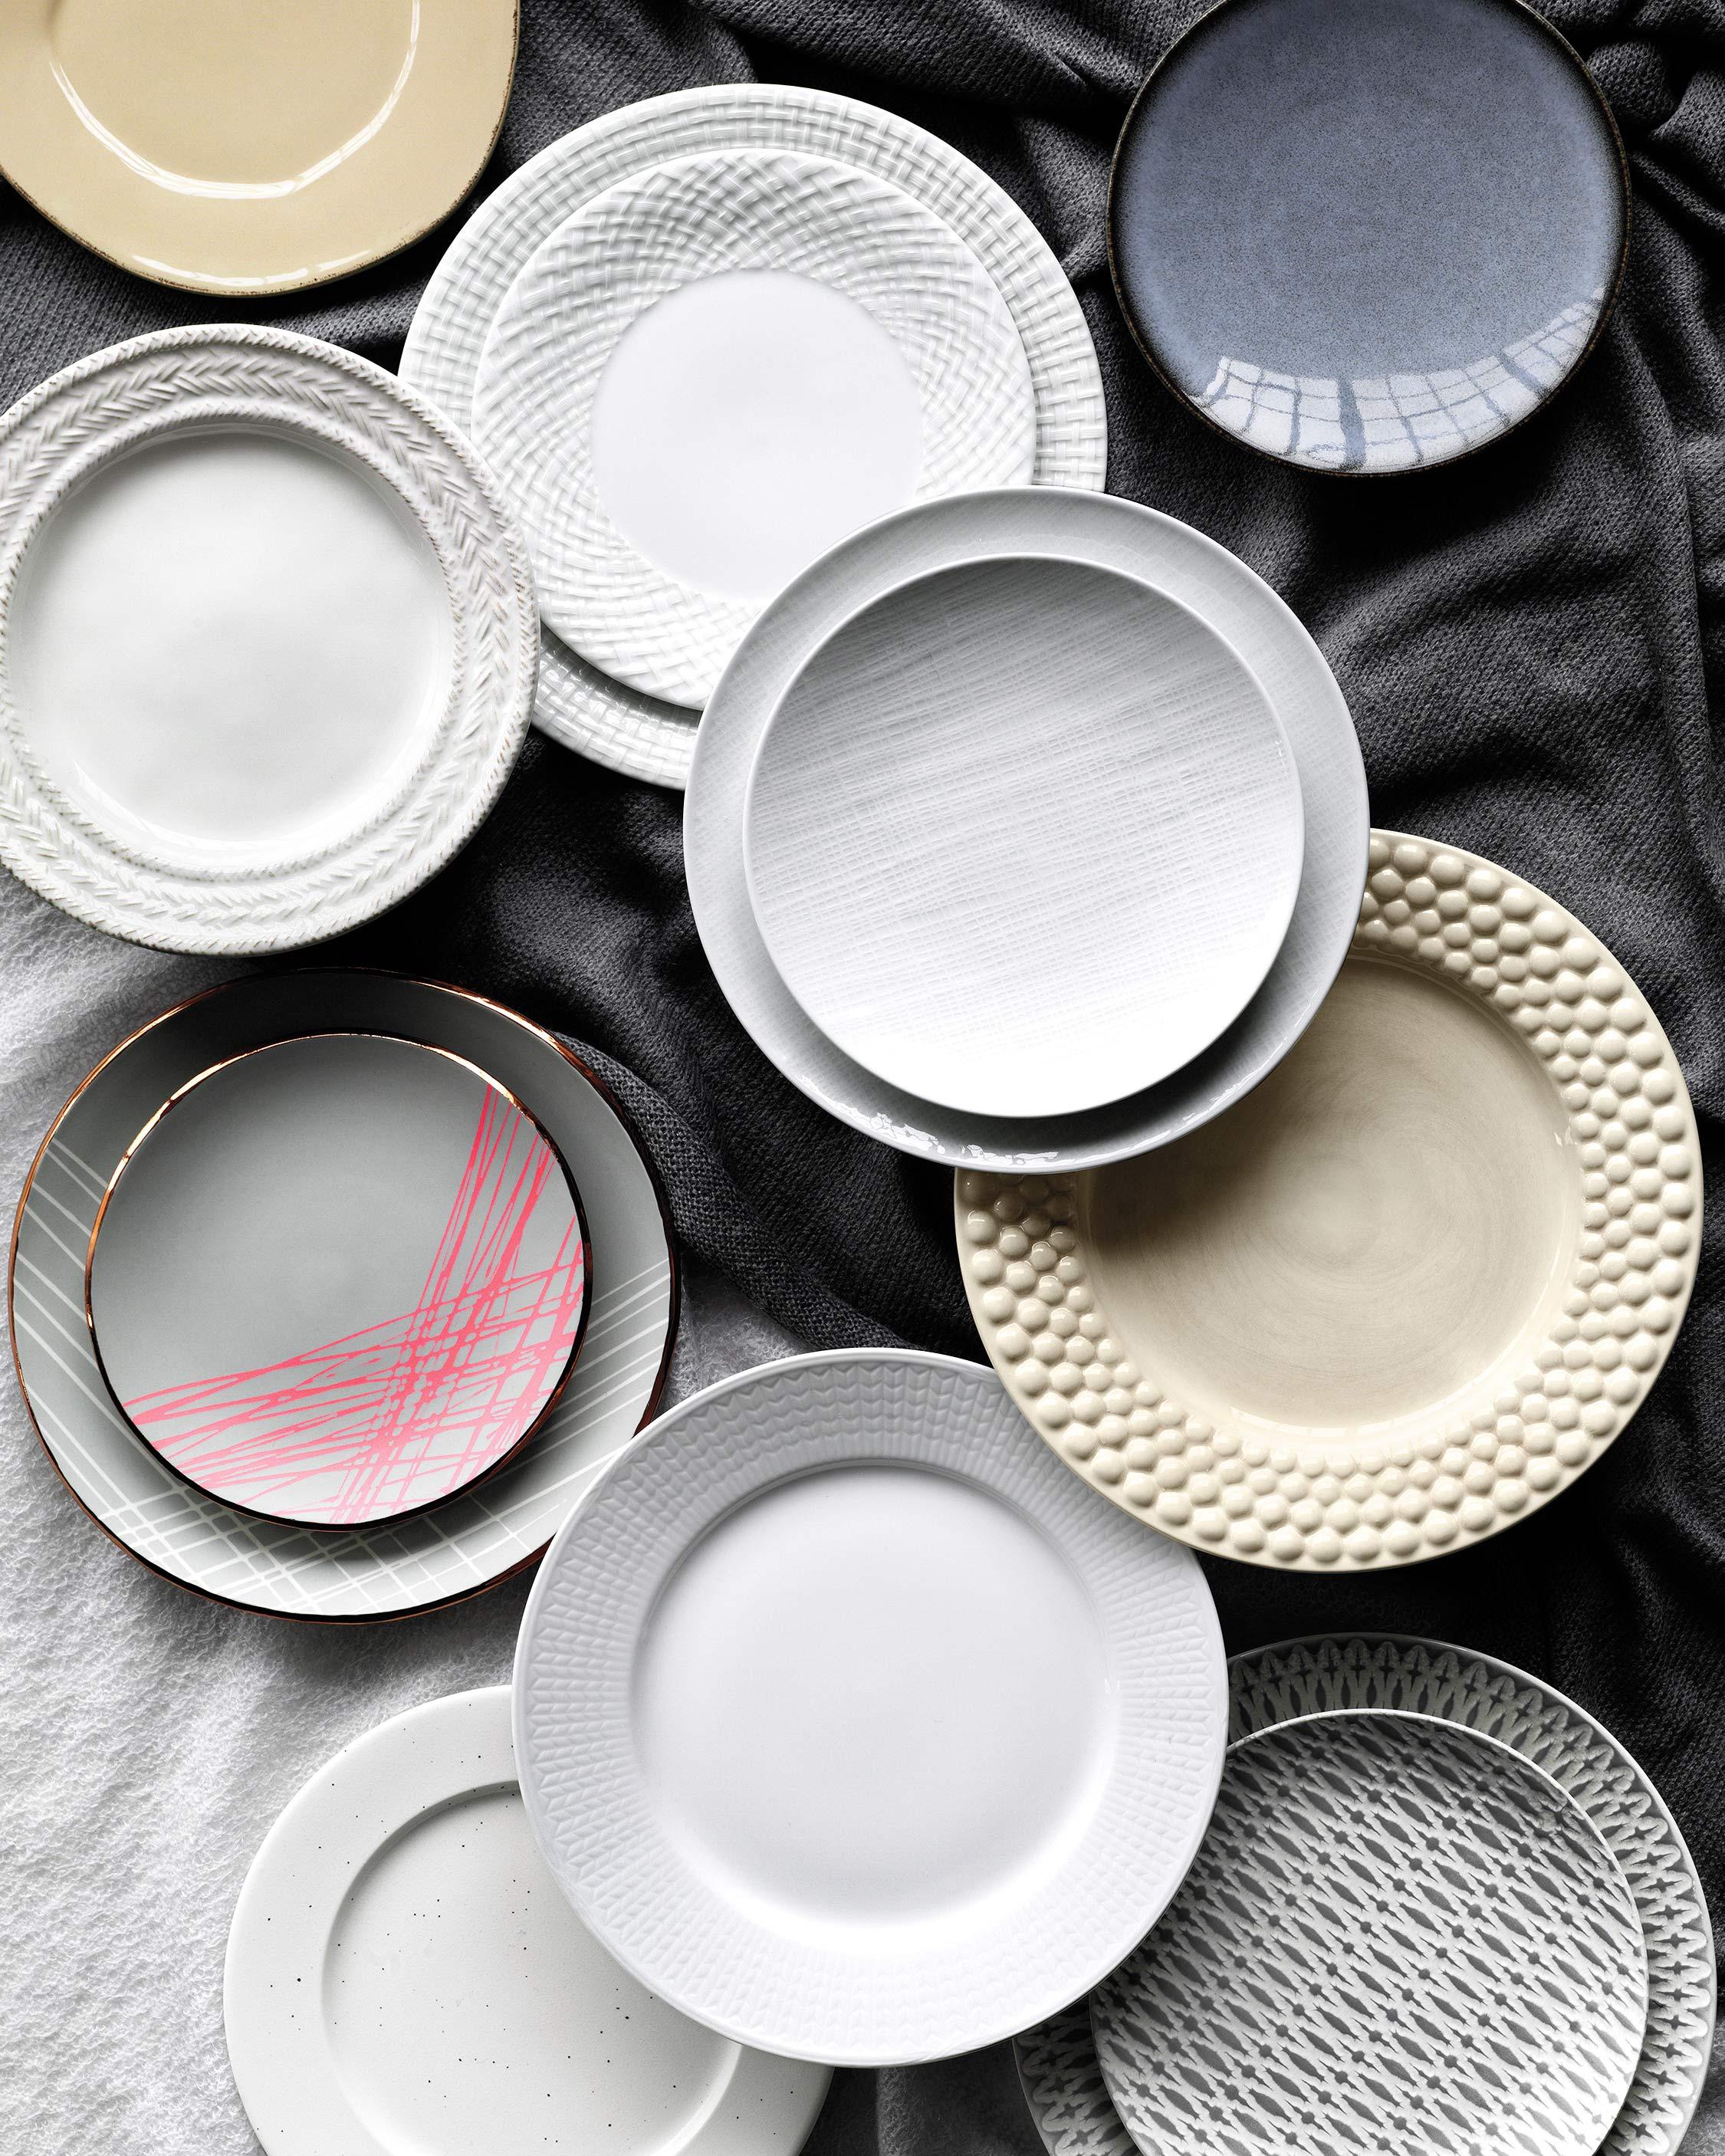 mknitted-detail-white-plates-10-d112735.jpg